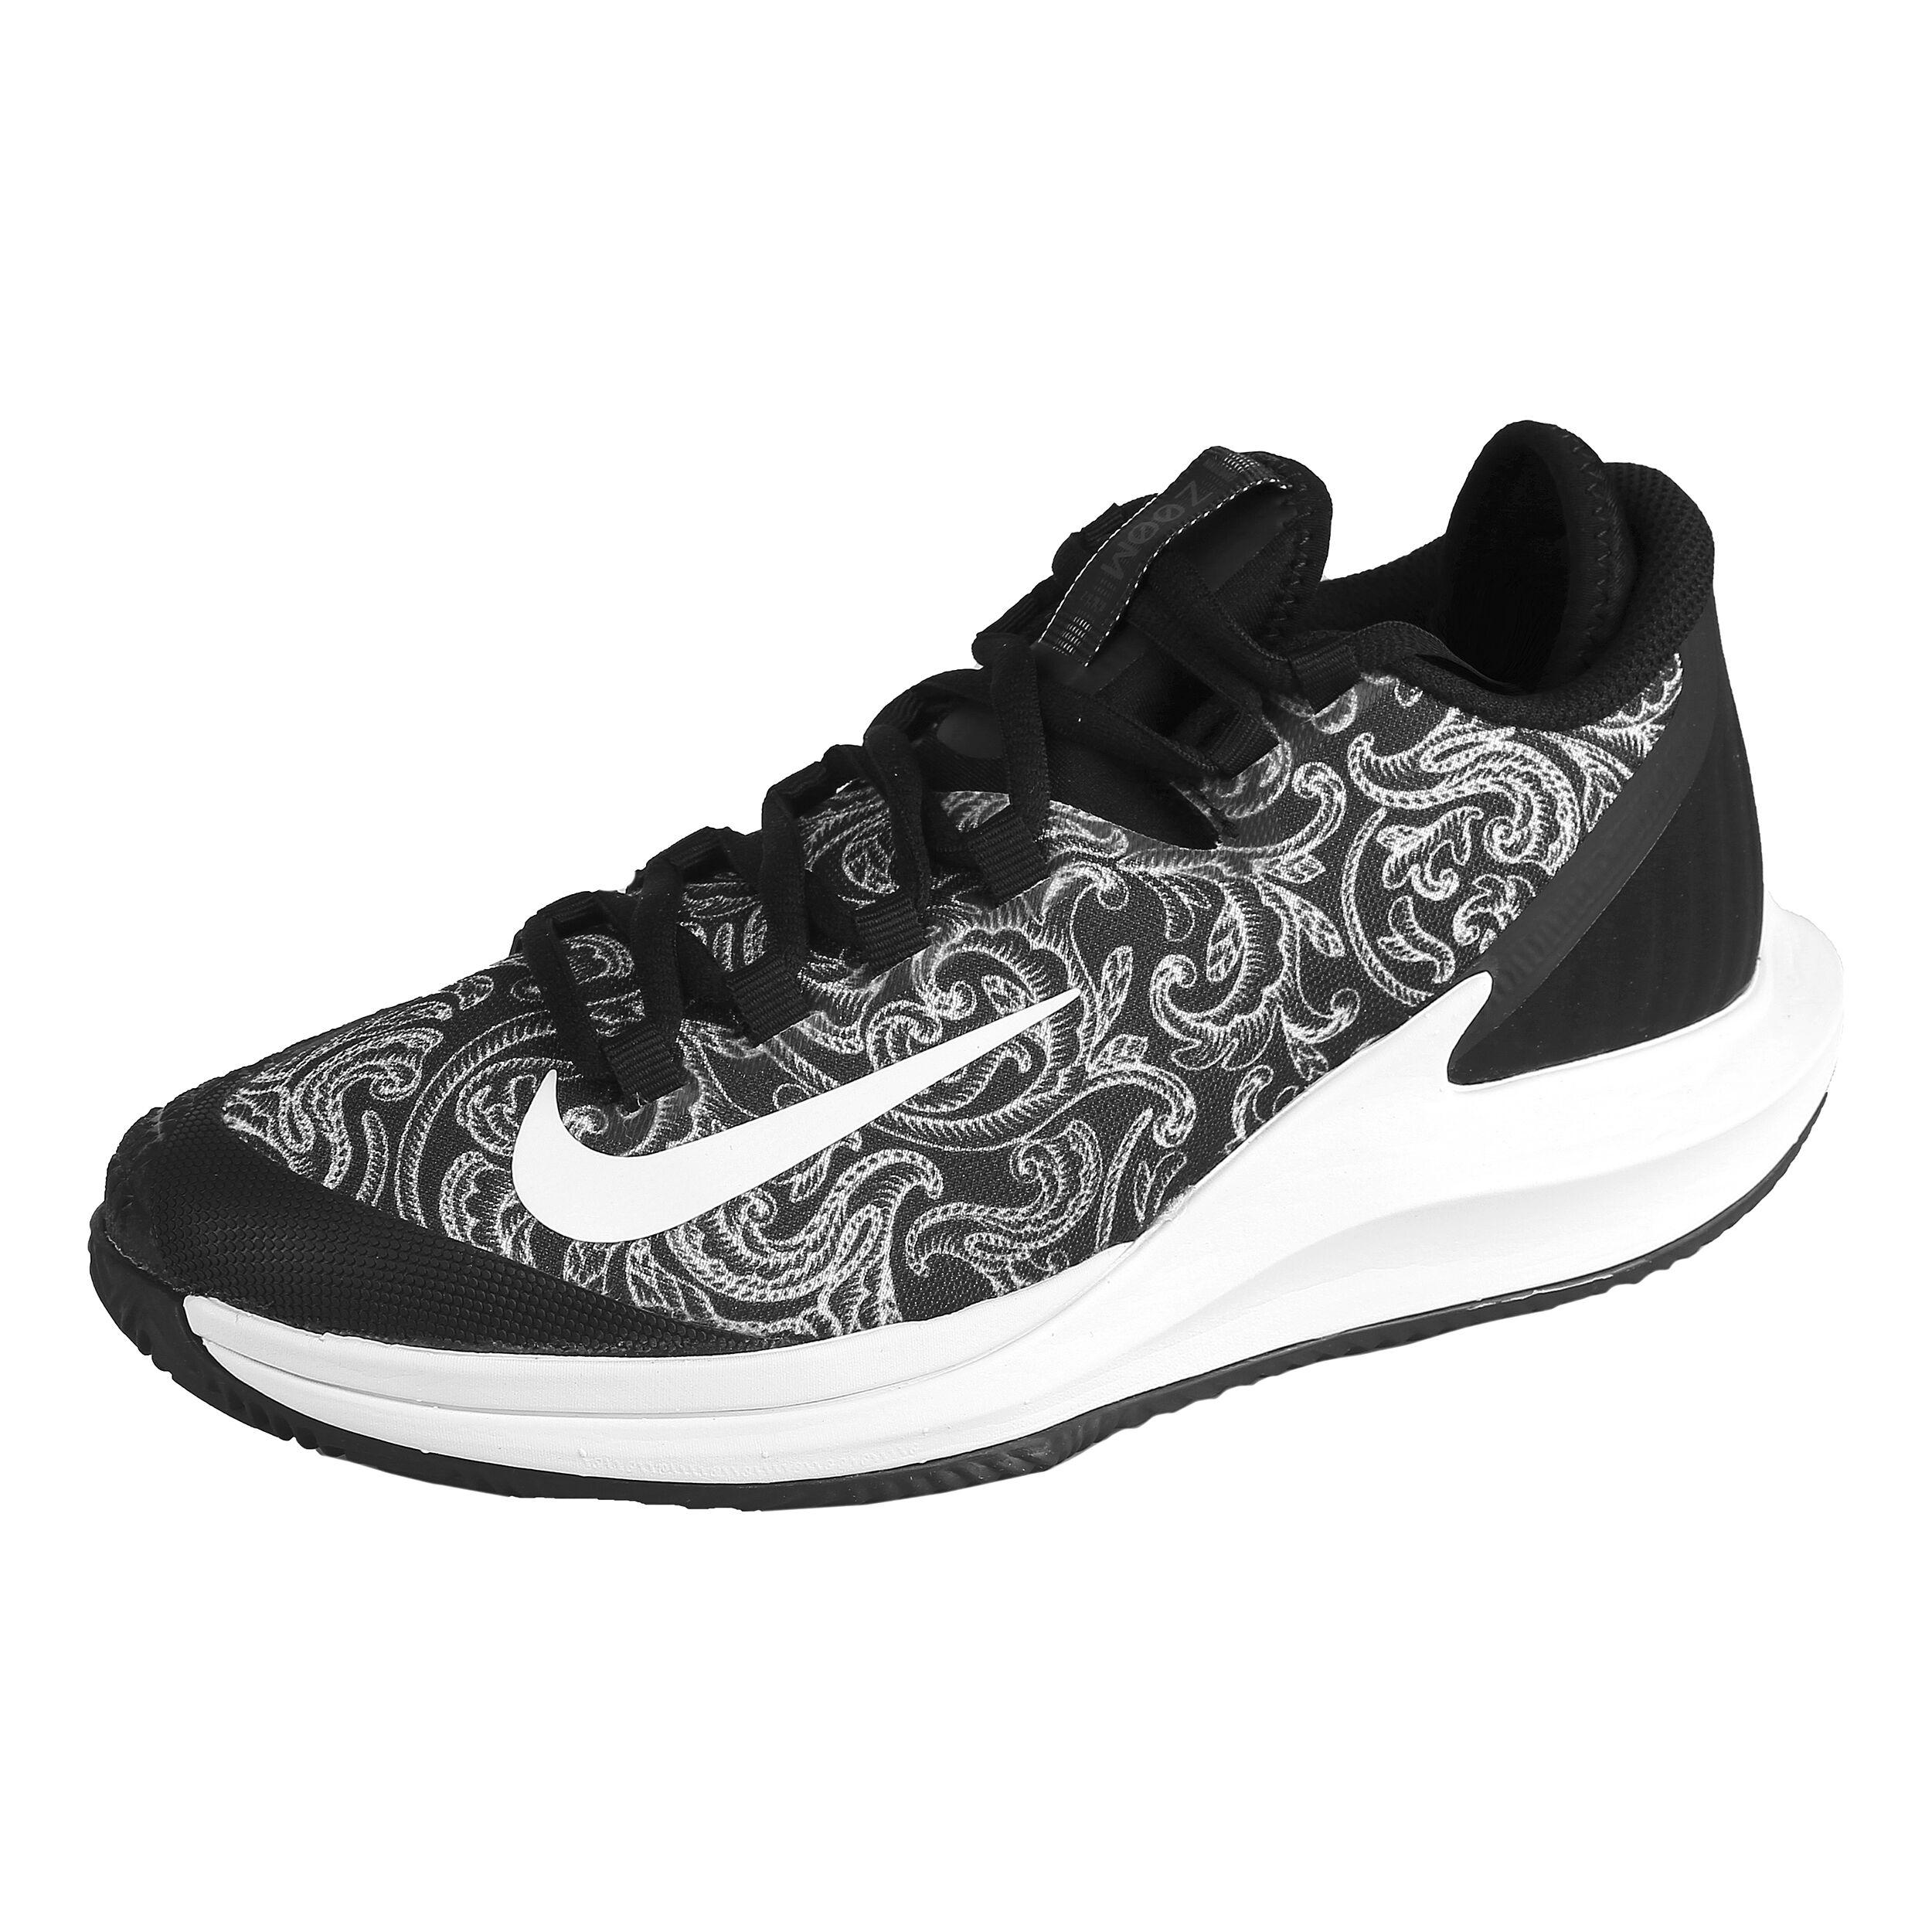 Nike Air Zoom Zero Clay Chaussure Terre Battue Femmes - Noir ...